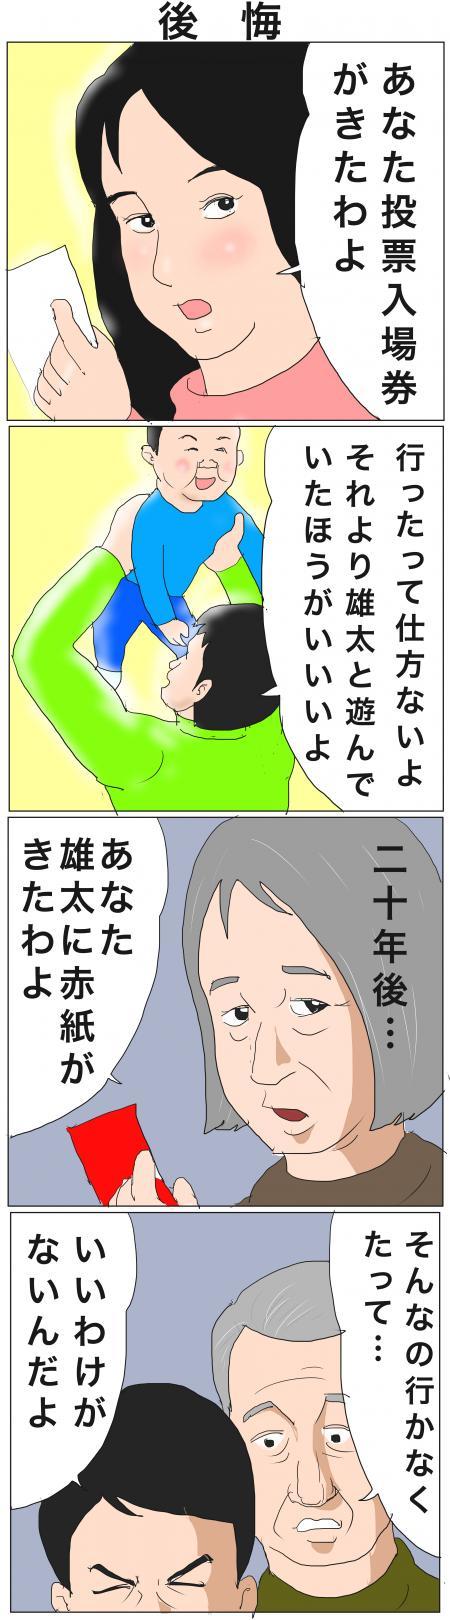 後悔_convert_20141209214547